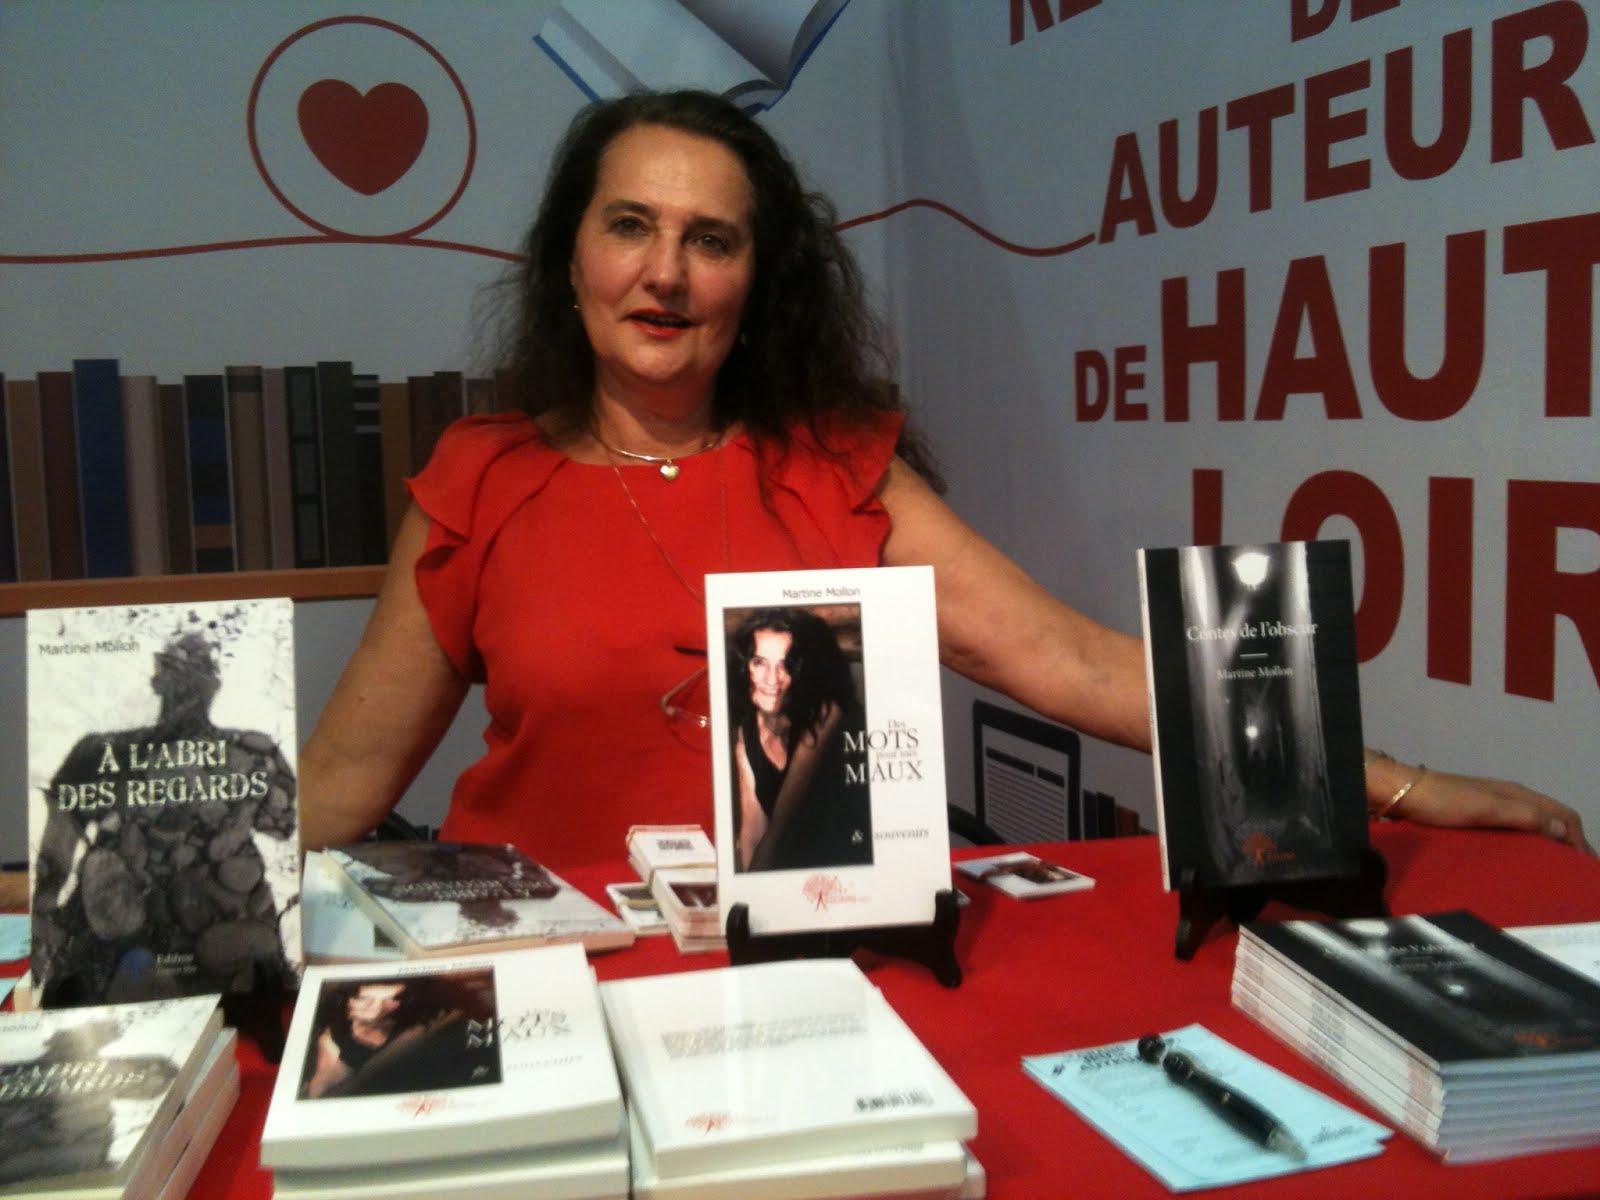 Martine Mollon